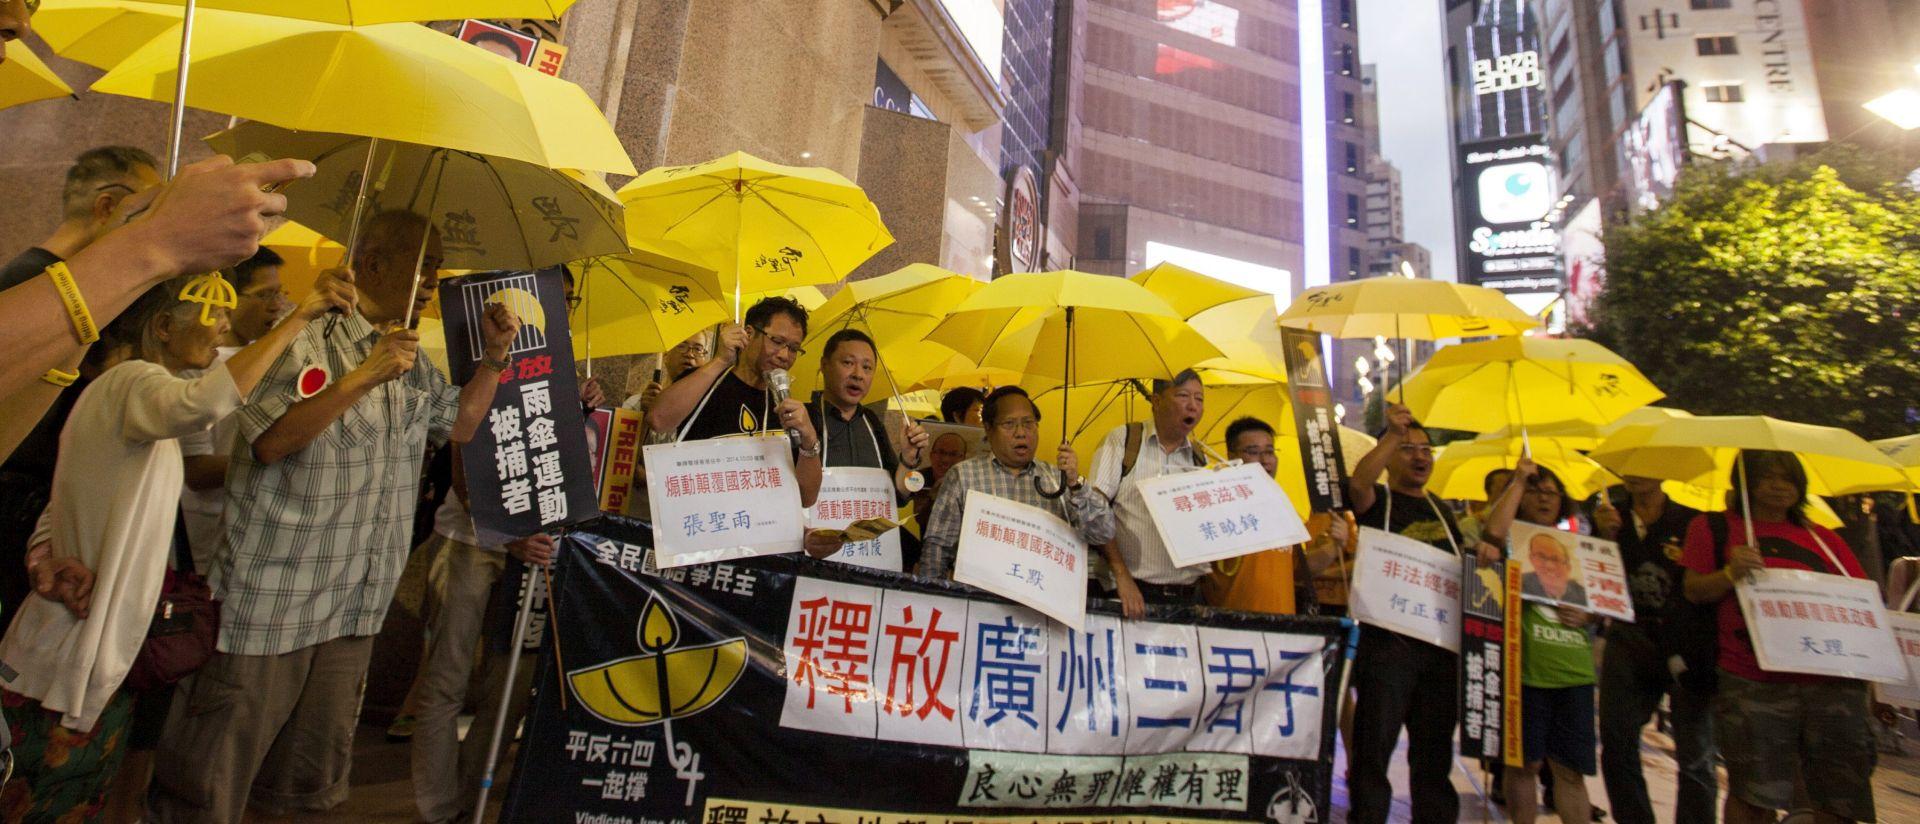 LOŠ KURIKULUM: Samoubojstvo studenta potaknulo nove prosvjede u Tajvanu